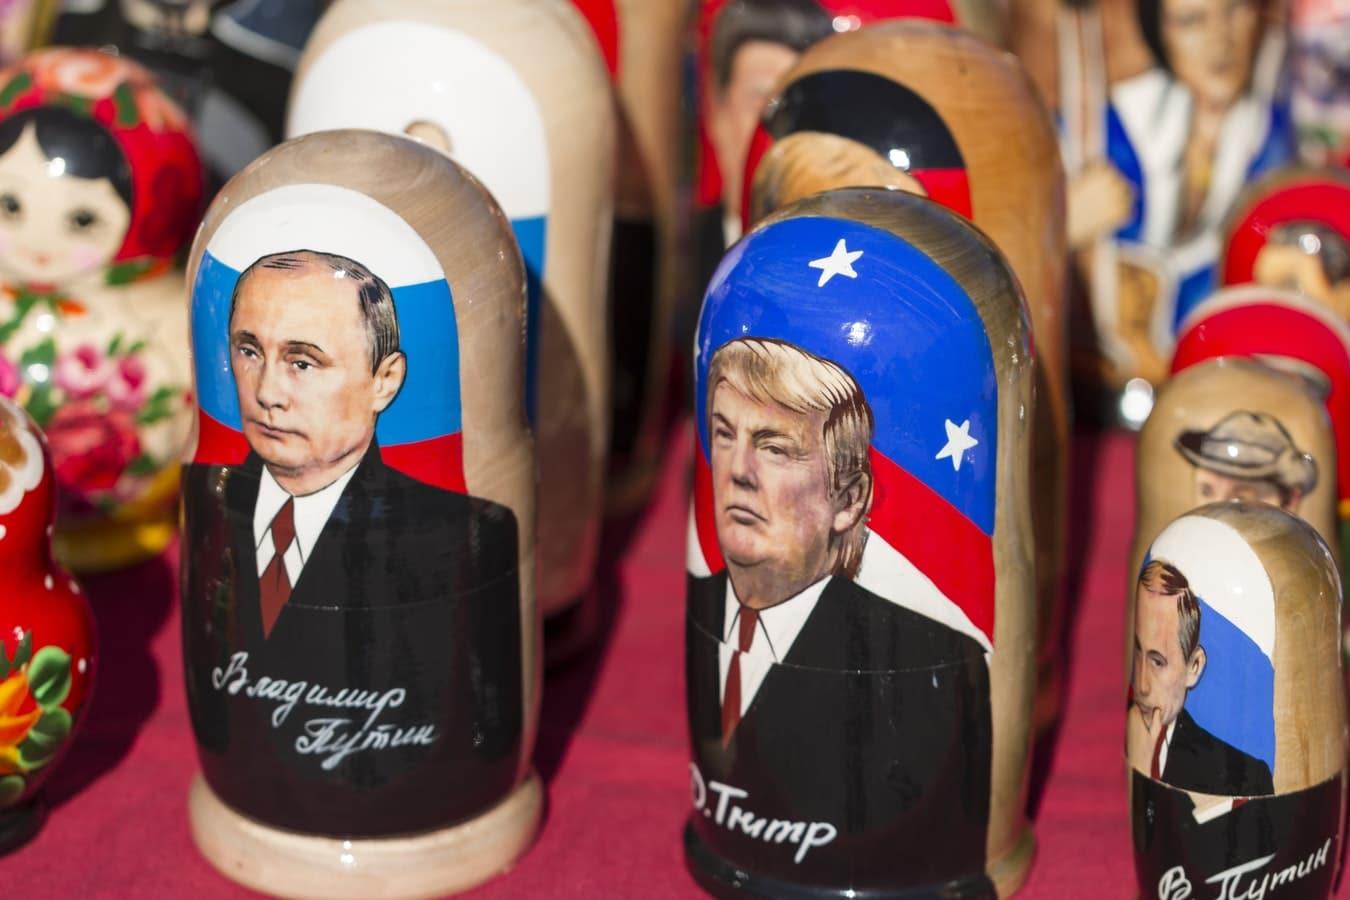 Vladimir Putin: descubra quem é esse homem